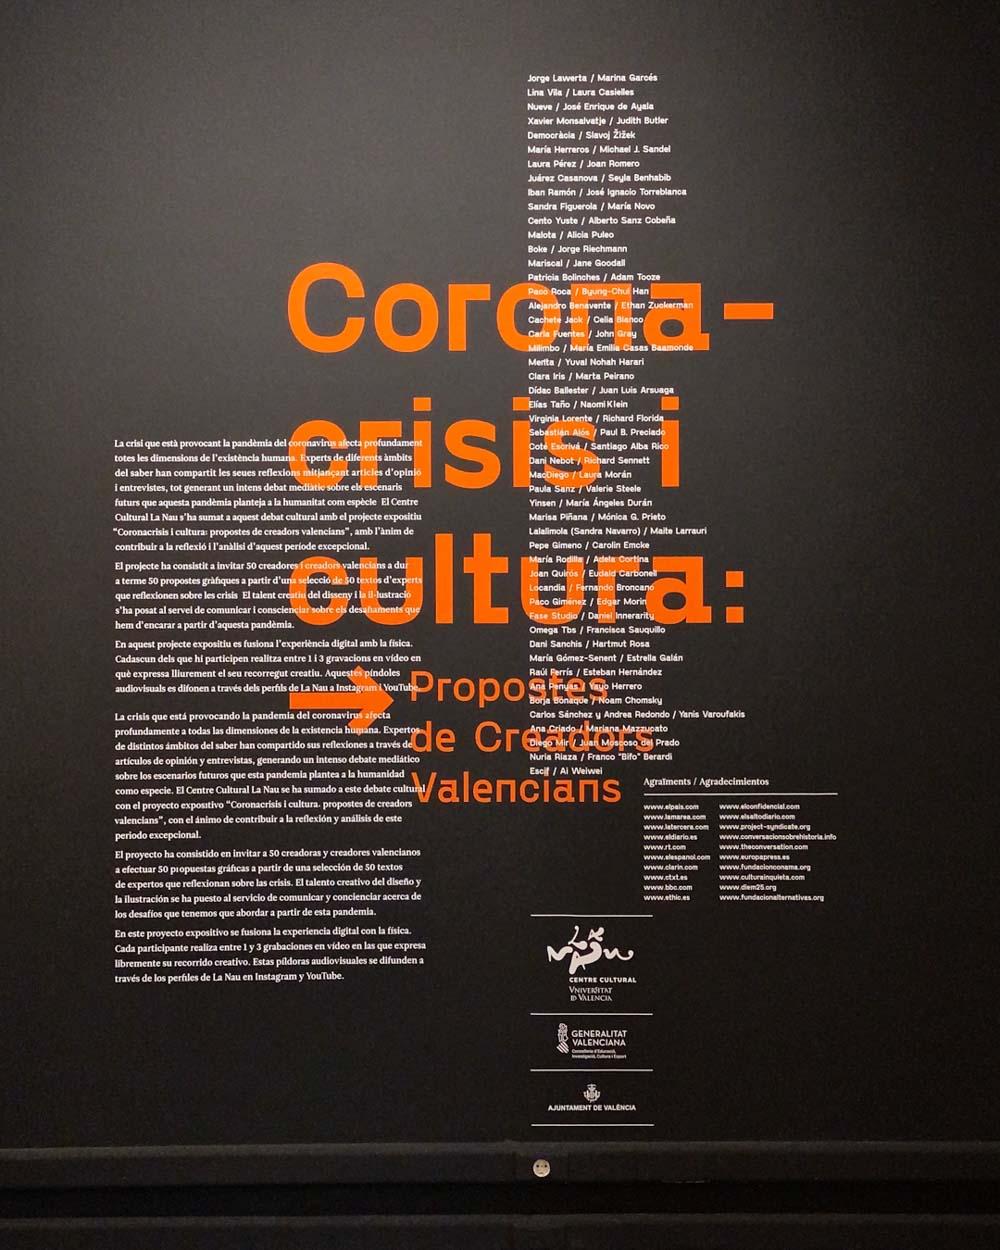 'Coronacrisis'. La Nau. Estudio Paco Mora.